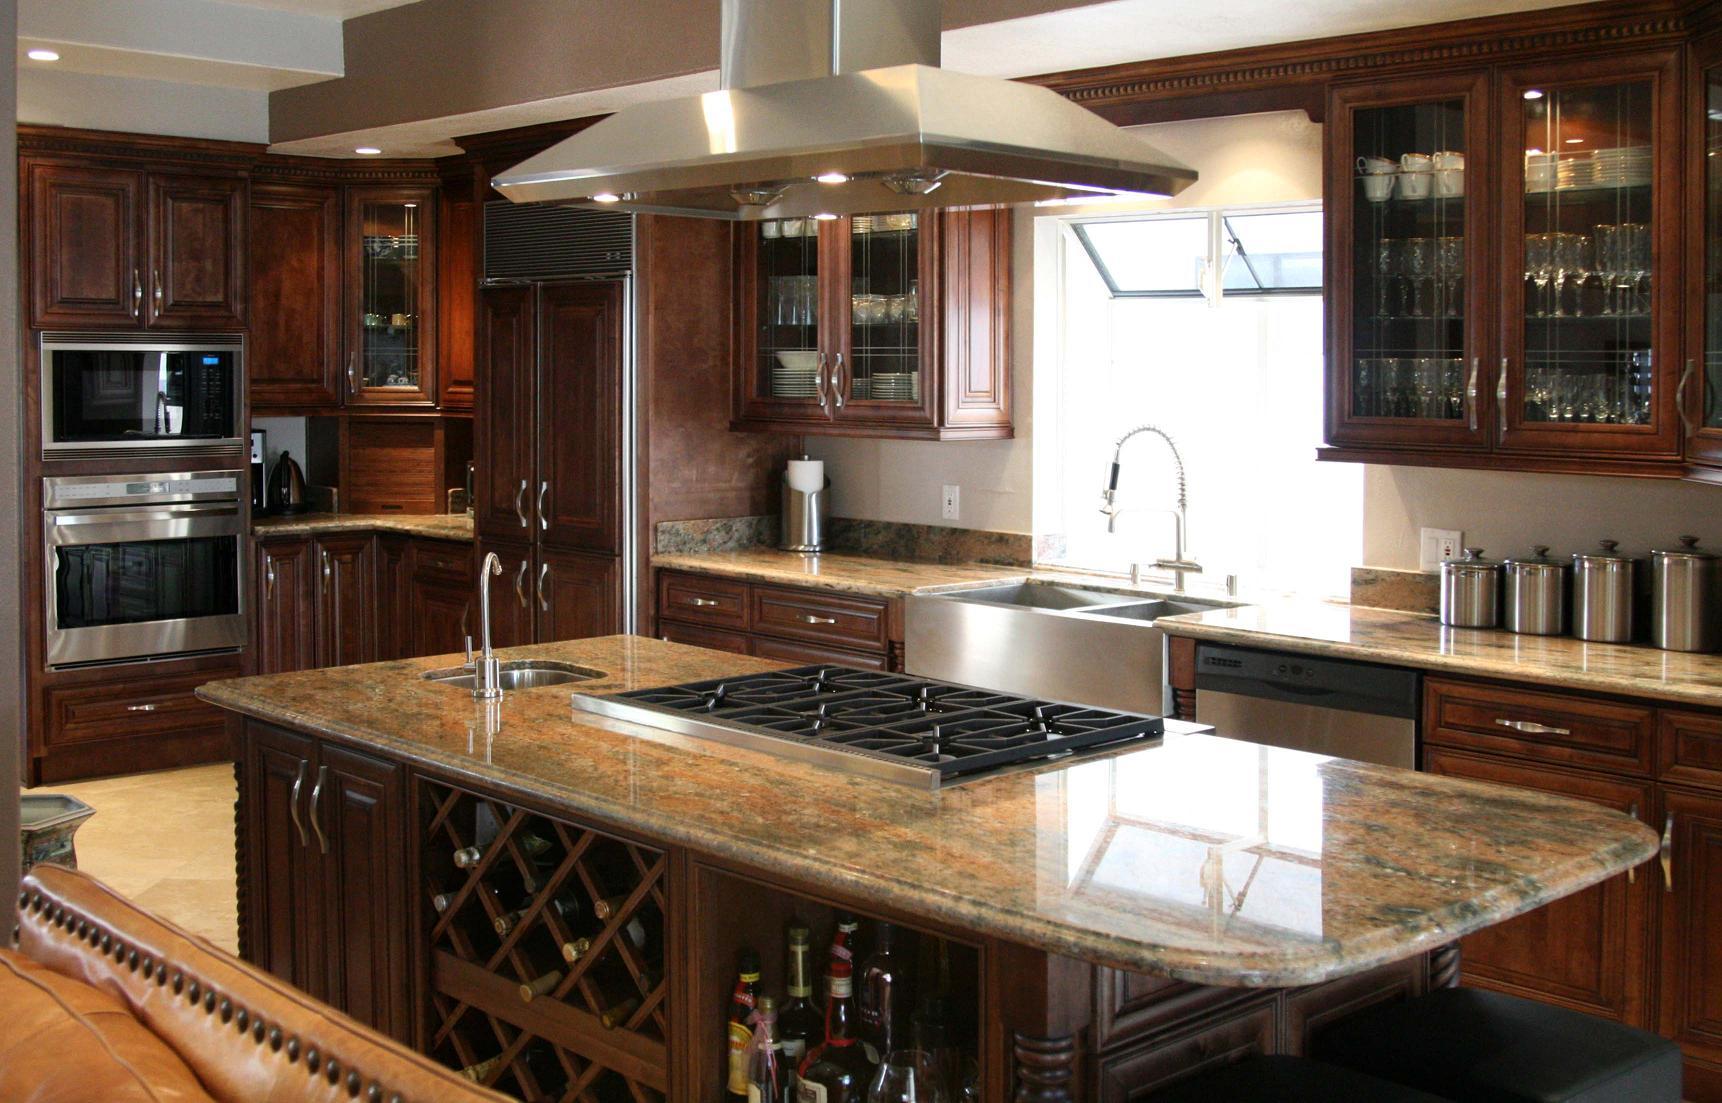 Kitchen Image - Kitchen & Bathroom Design Center on Dark Maple Cabinets  id=57739